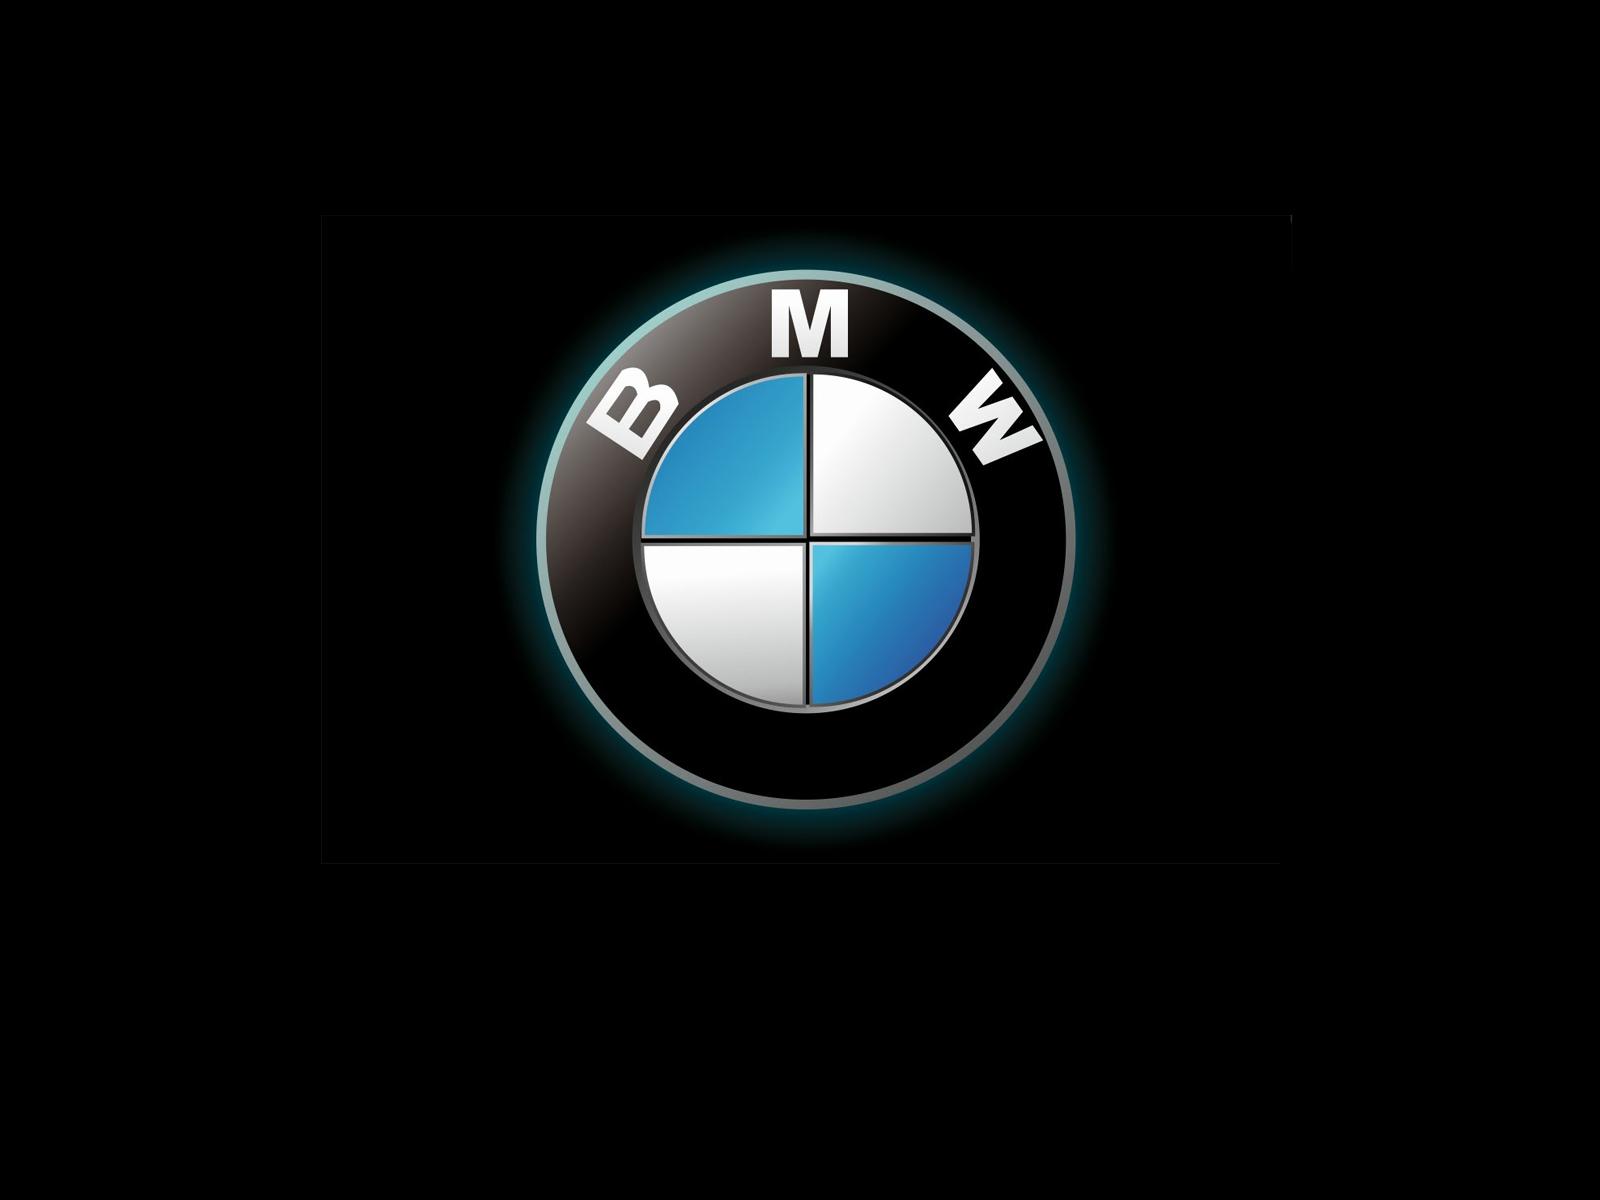 la mirada in search com deals swapalease ca lease m car asp calculator bmw